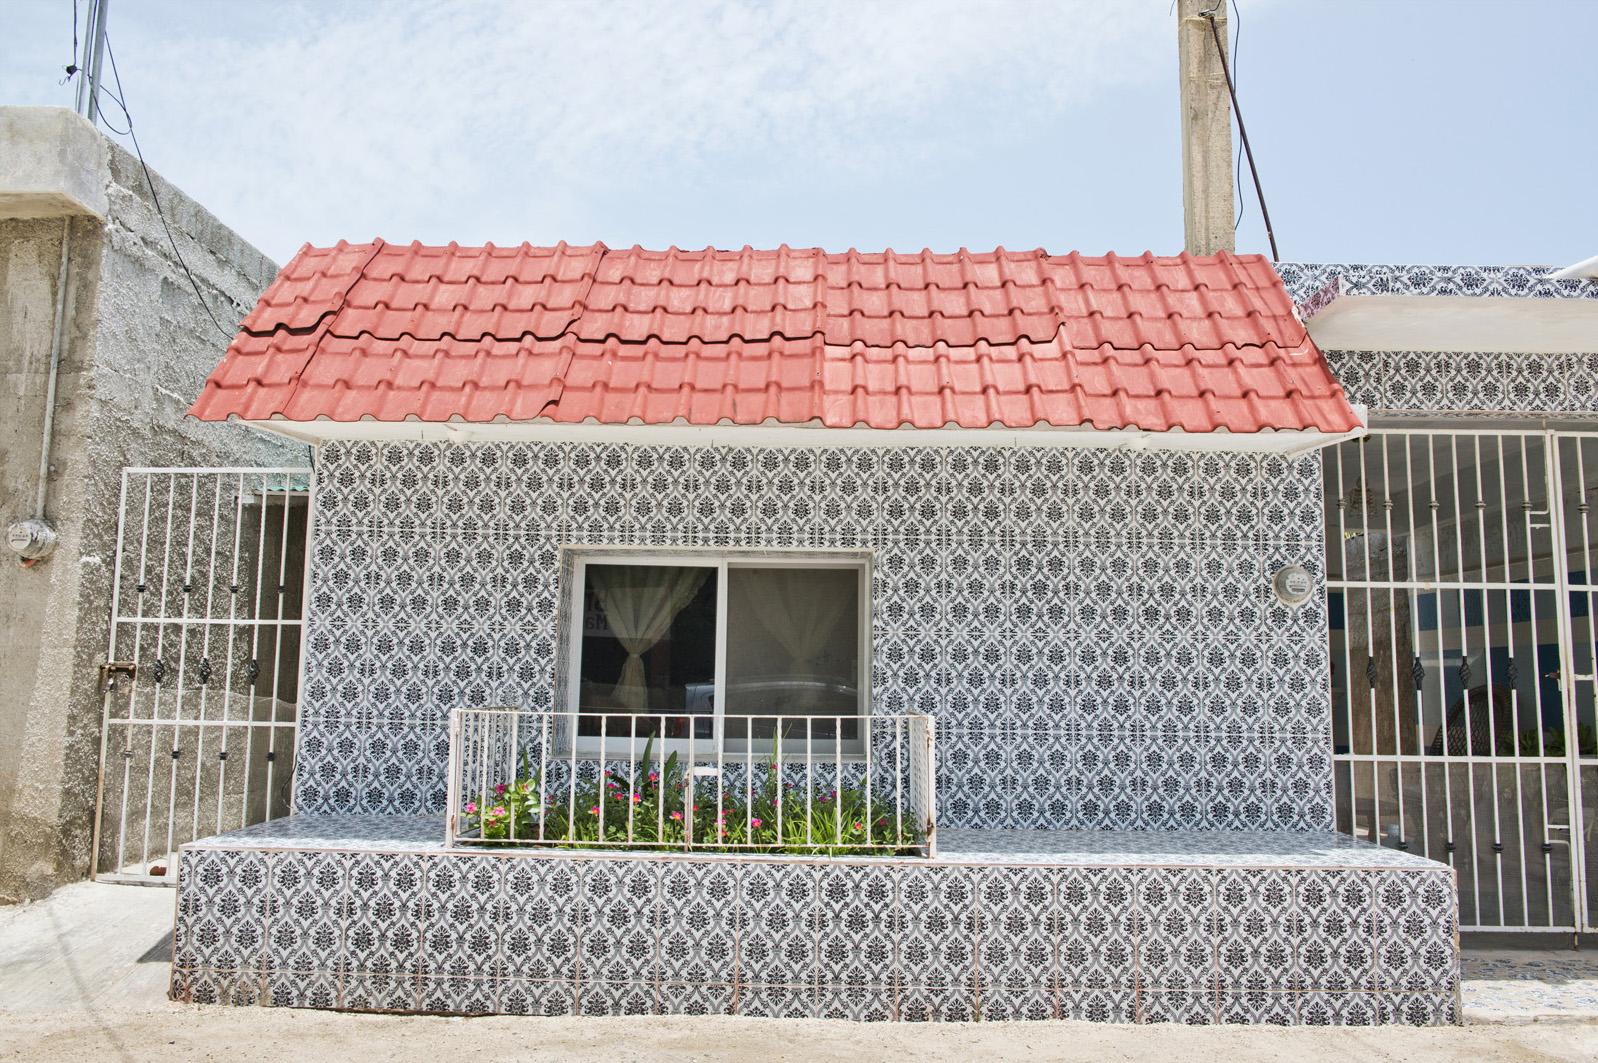 Local architecture Celestun, Yucatan, Mexico